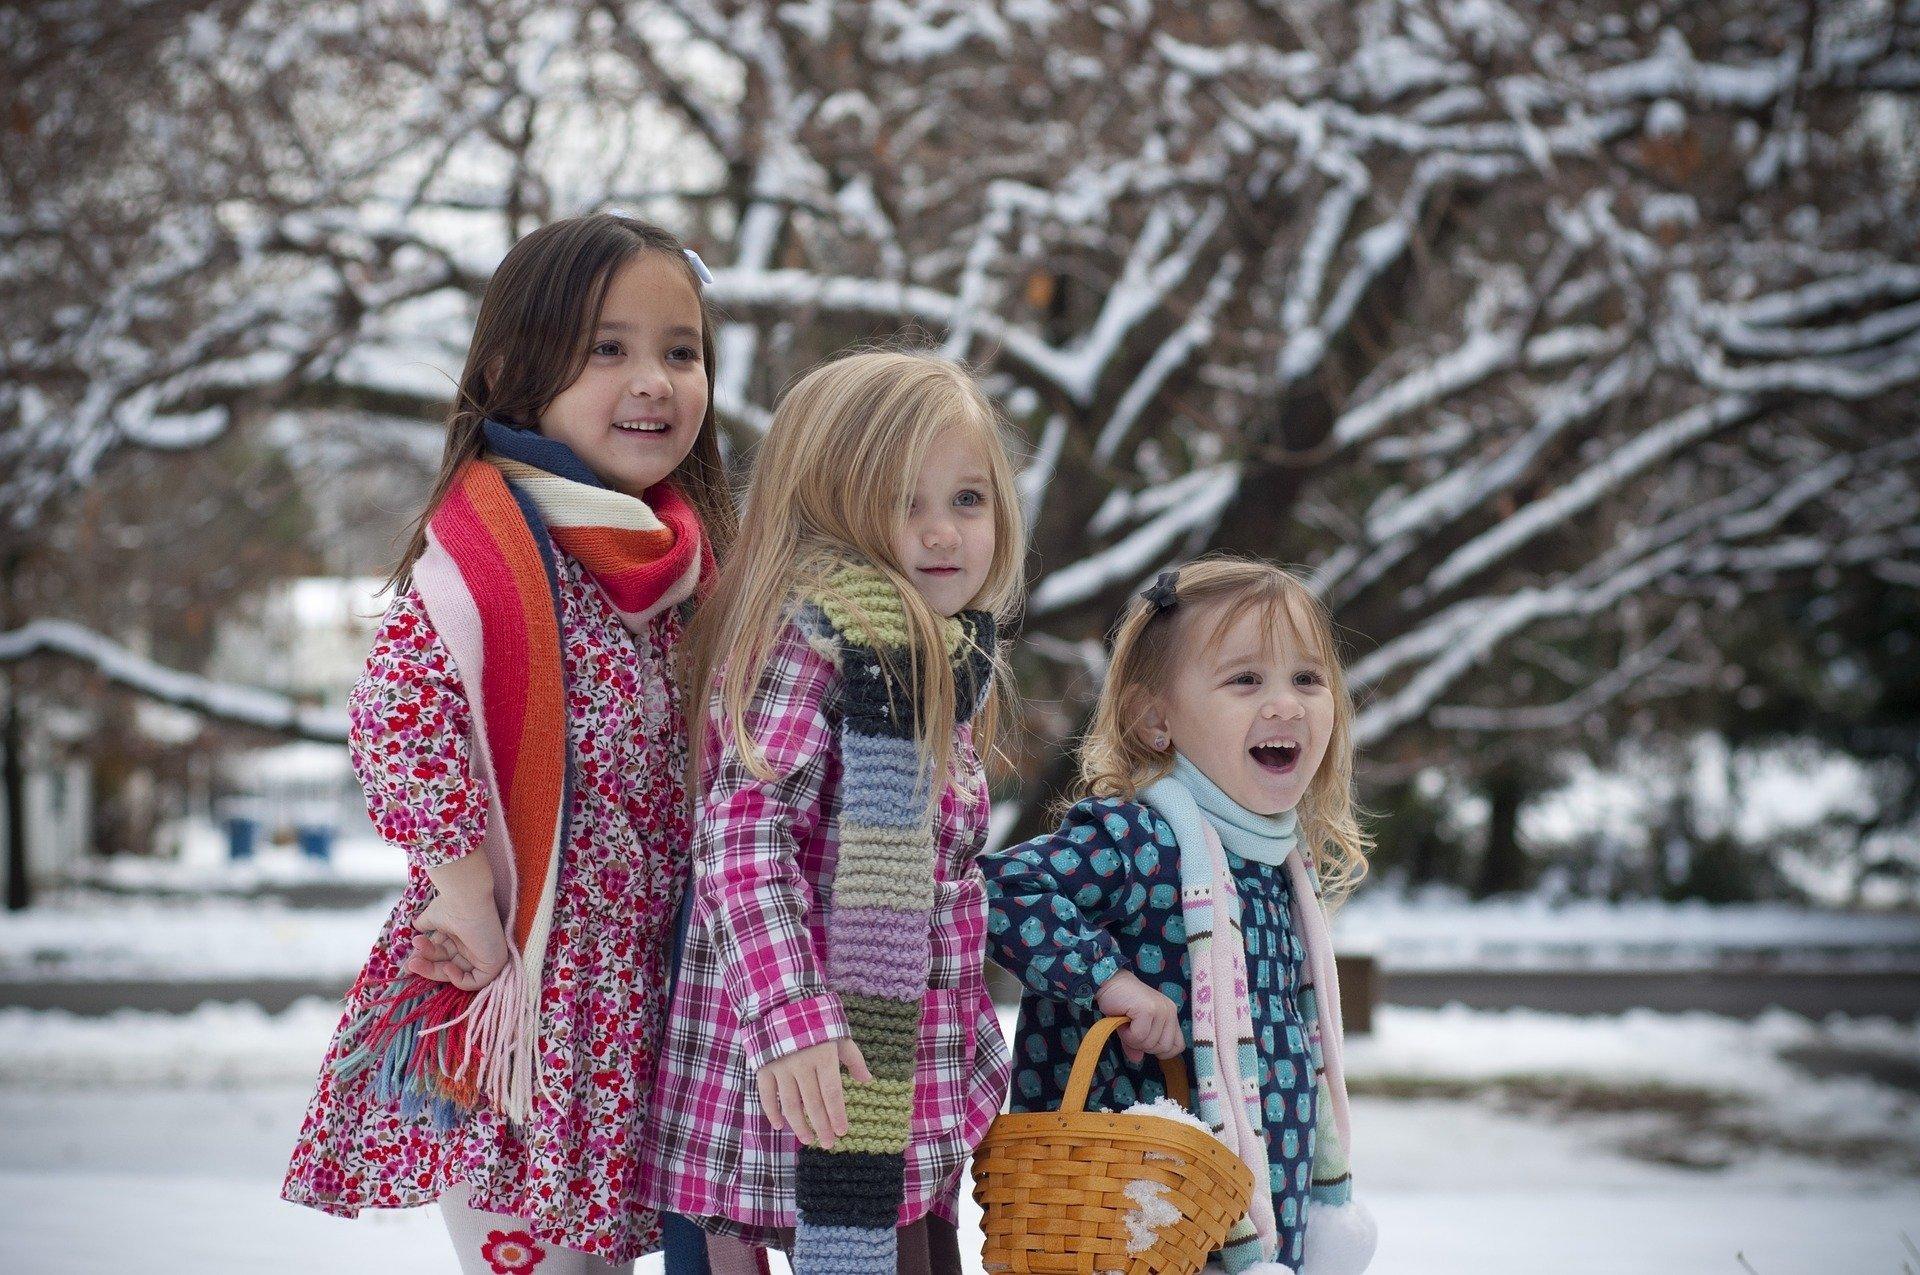 hu hu ha zima zła, piosenka dla dzieci, tekst i melodia